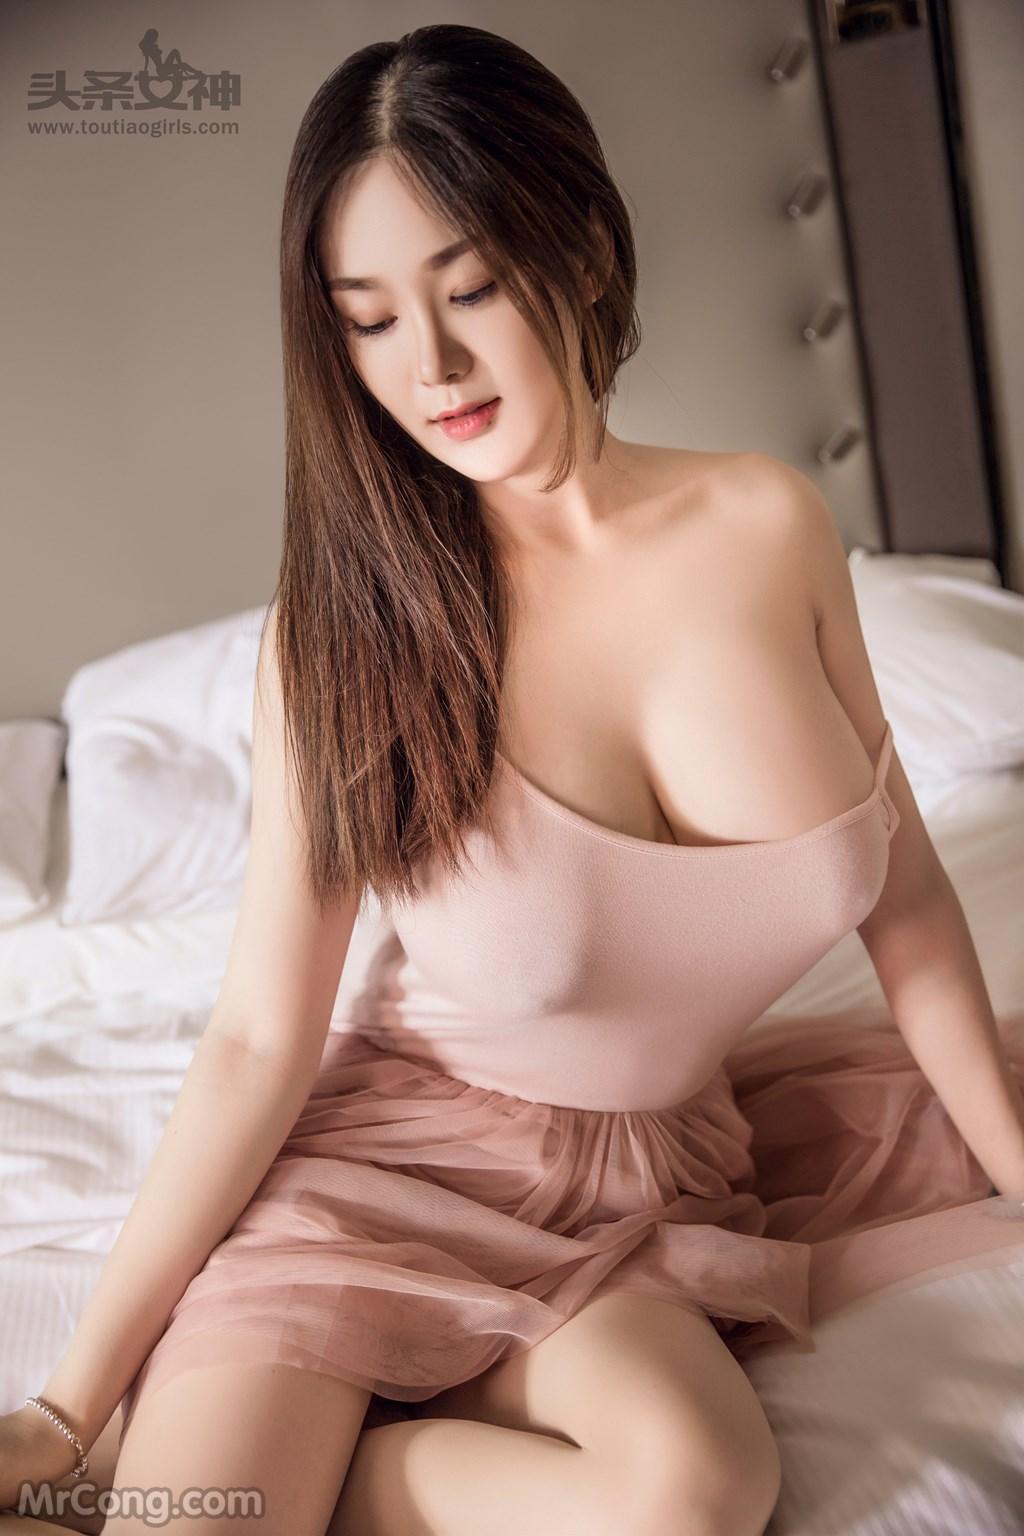 Image TouTiao-2017-05-08-Yi-Yang-MrCong.com-005 in post TouTiao 2017-05-08: Người mẫu Yi Yang (易阳) (30 ảnh)